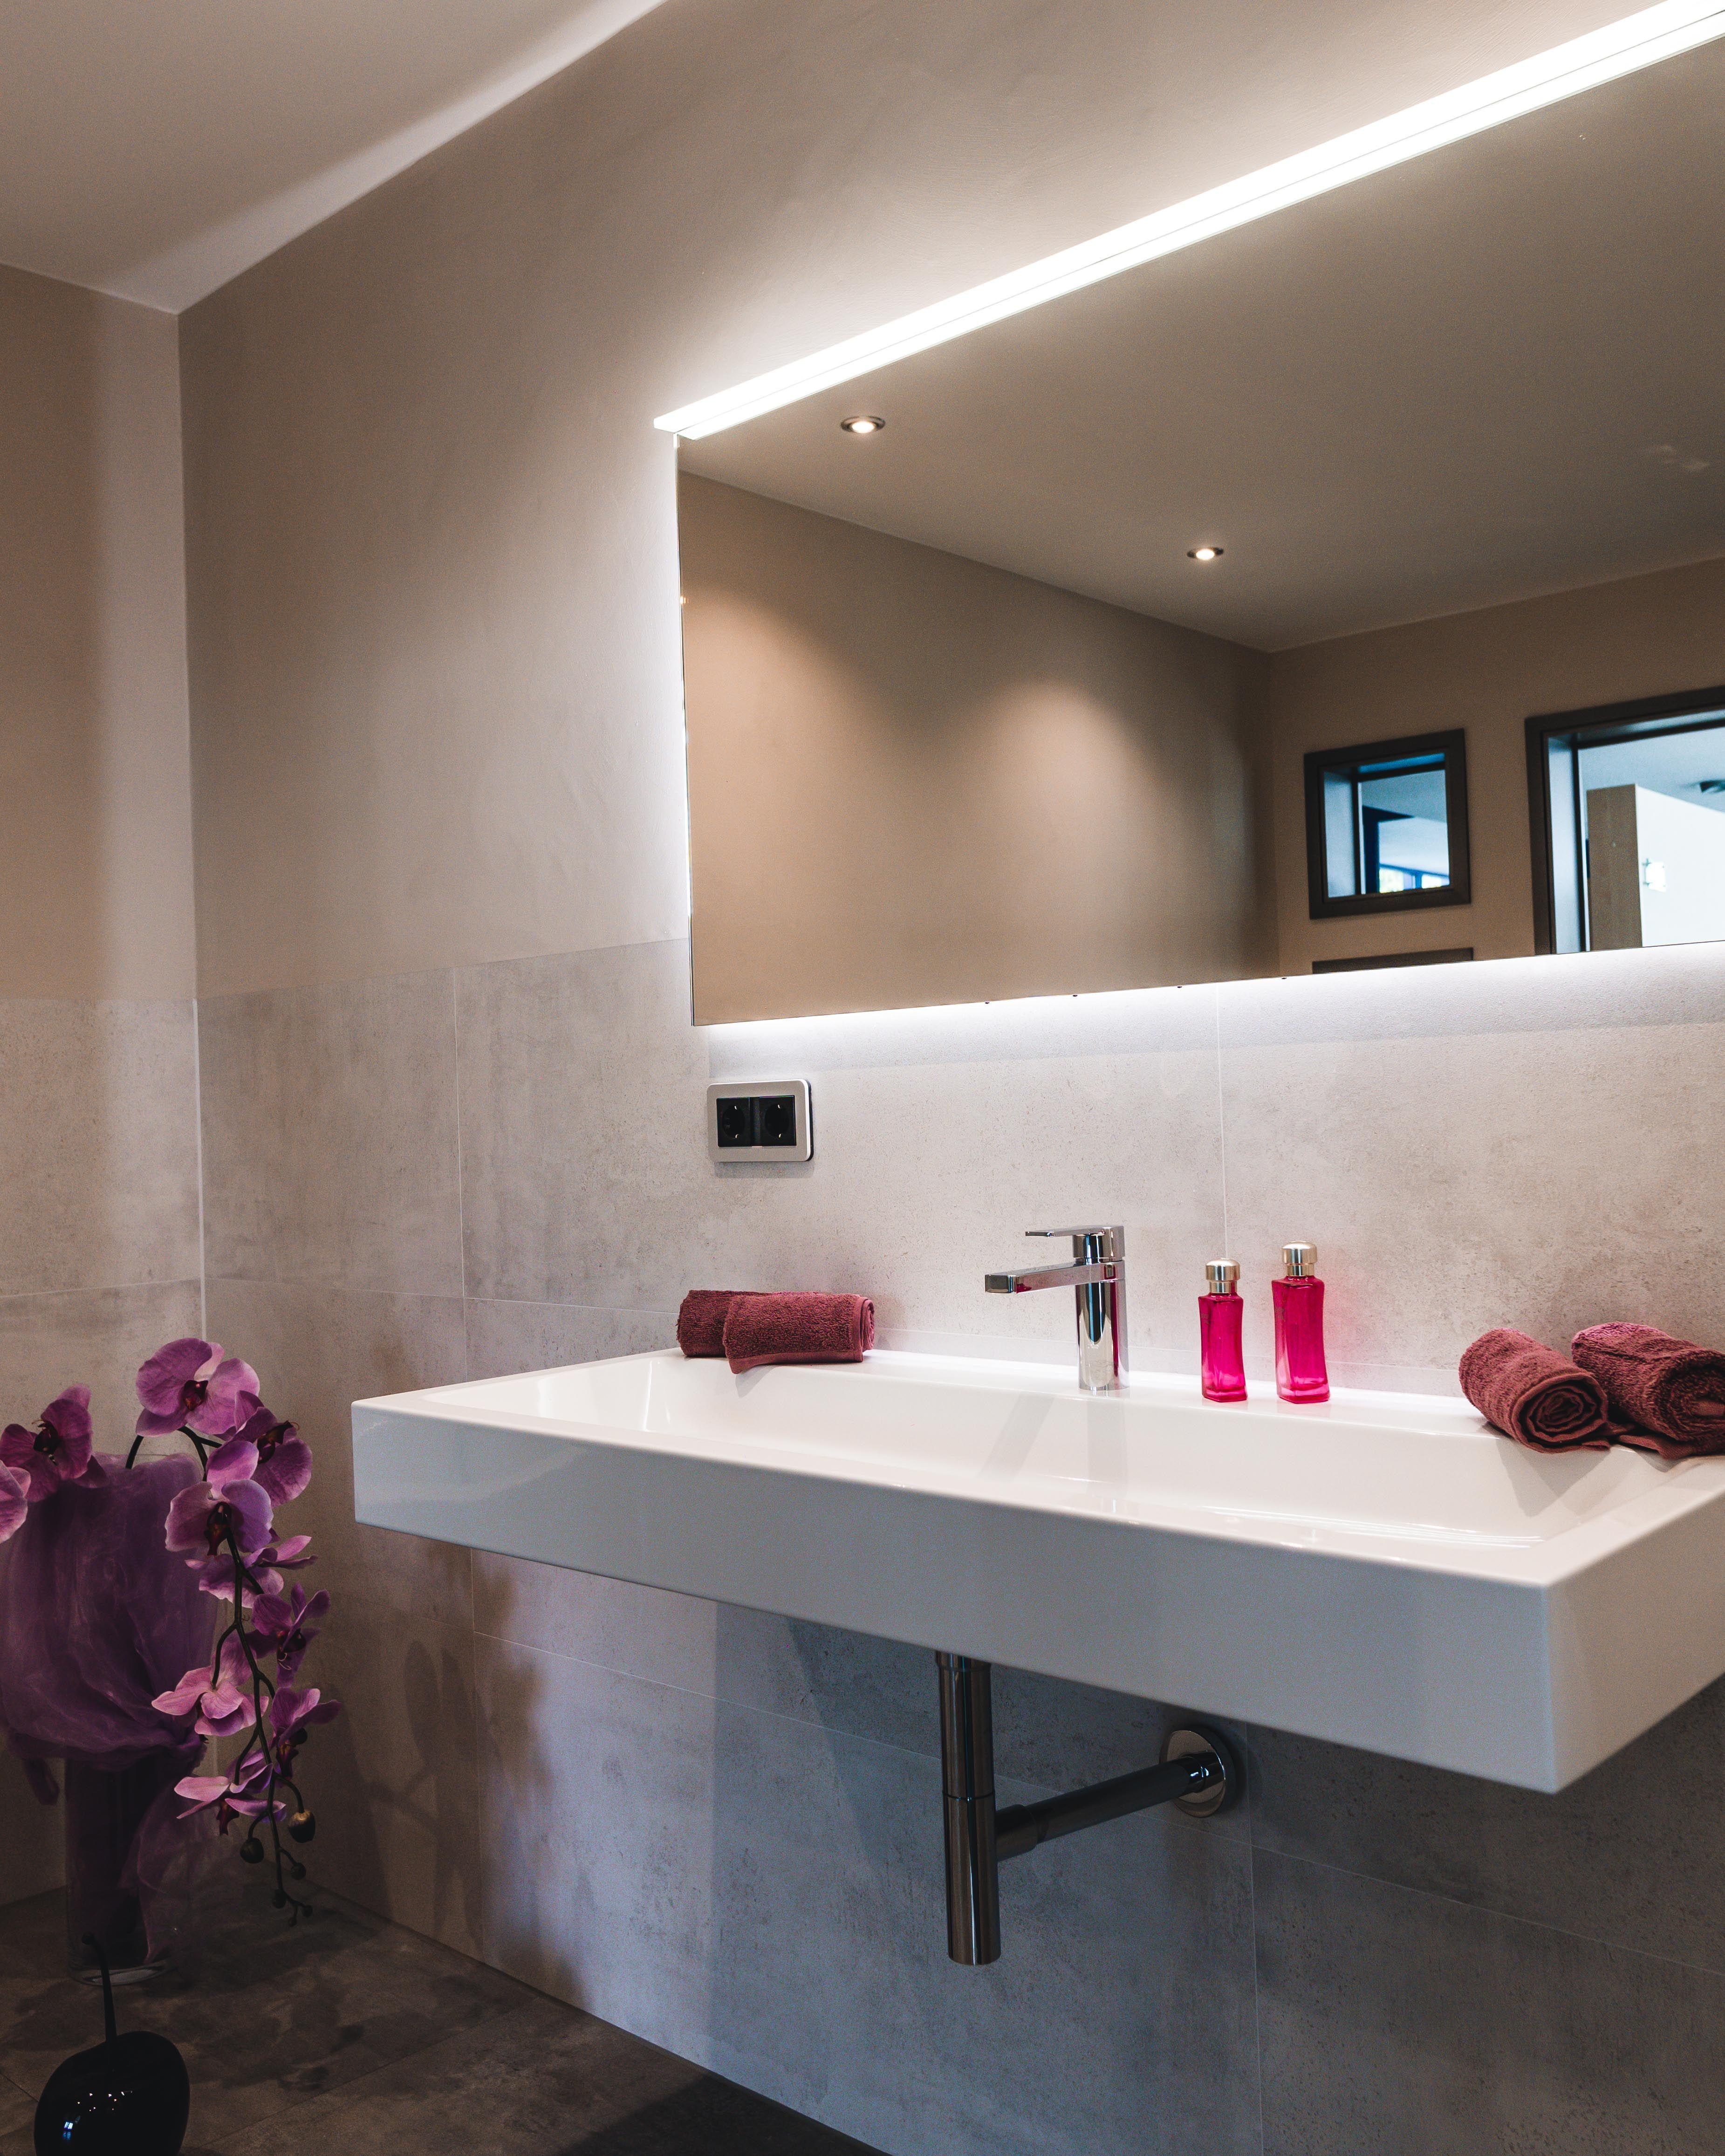 Ein Extra Grosses Waschbecken Mit Designsiphon Eleganter Spiegel Und Die Wande Fliesenbundig Verputzt So Bereite Badezimmer Waschbecken Badezimmer Waschbecken